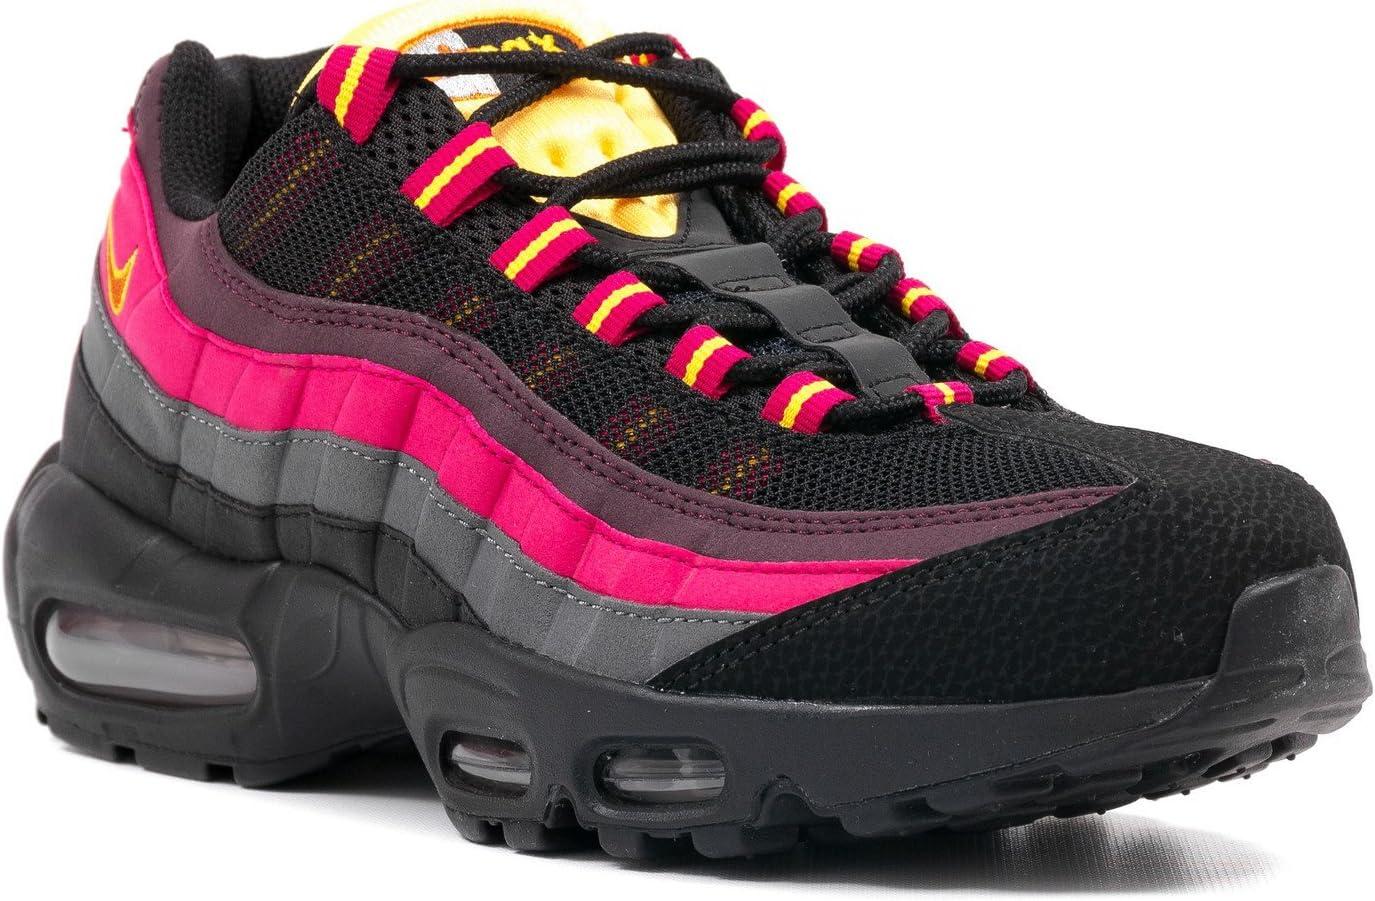 Amazon Com Nike Air Max 95 Men S Sneakers In Black Tuscan Rust